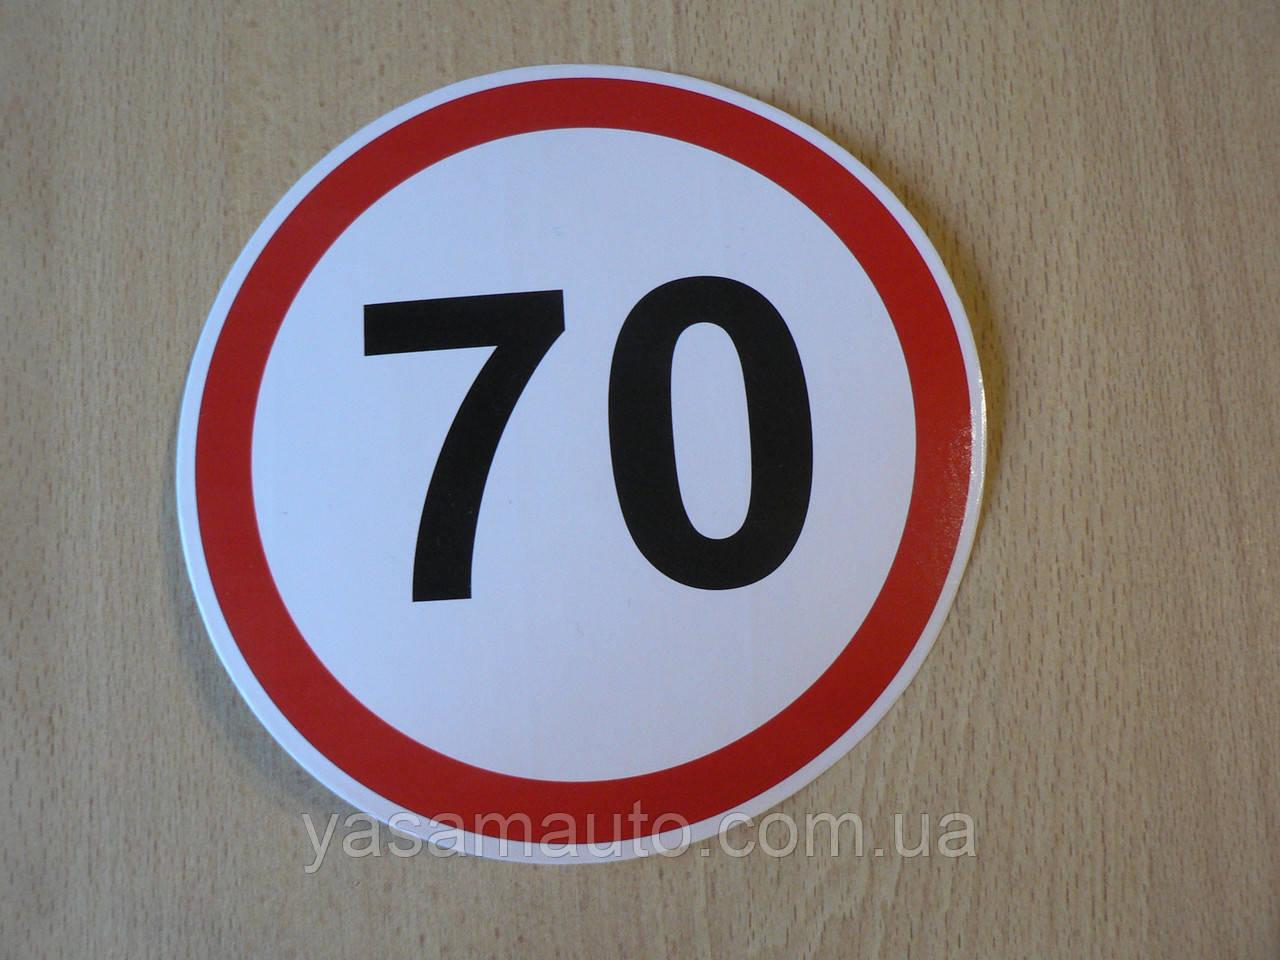 Наклейка п3к знак 70 Ф=137мм кругла обмеження на вантажне авто довговічна учень за кермом